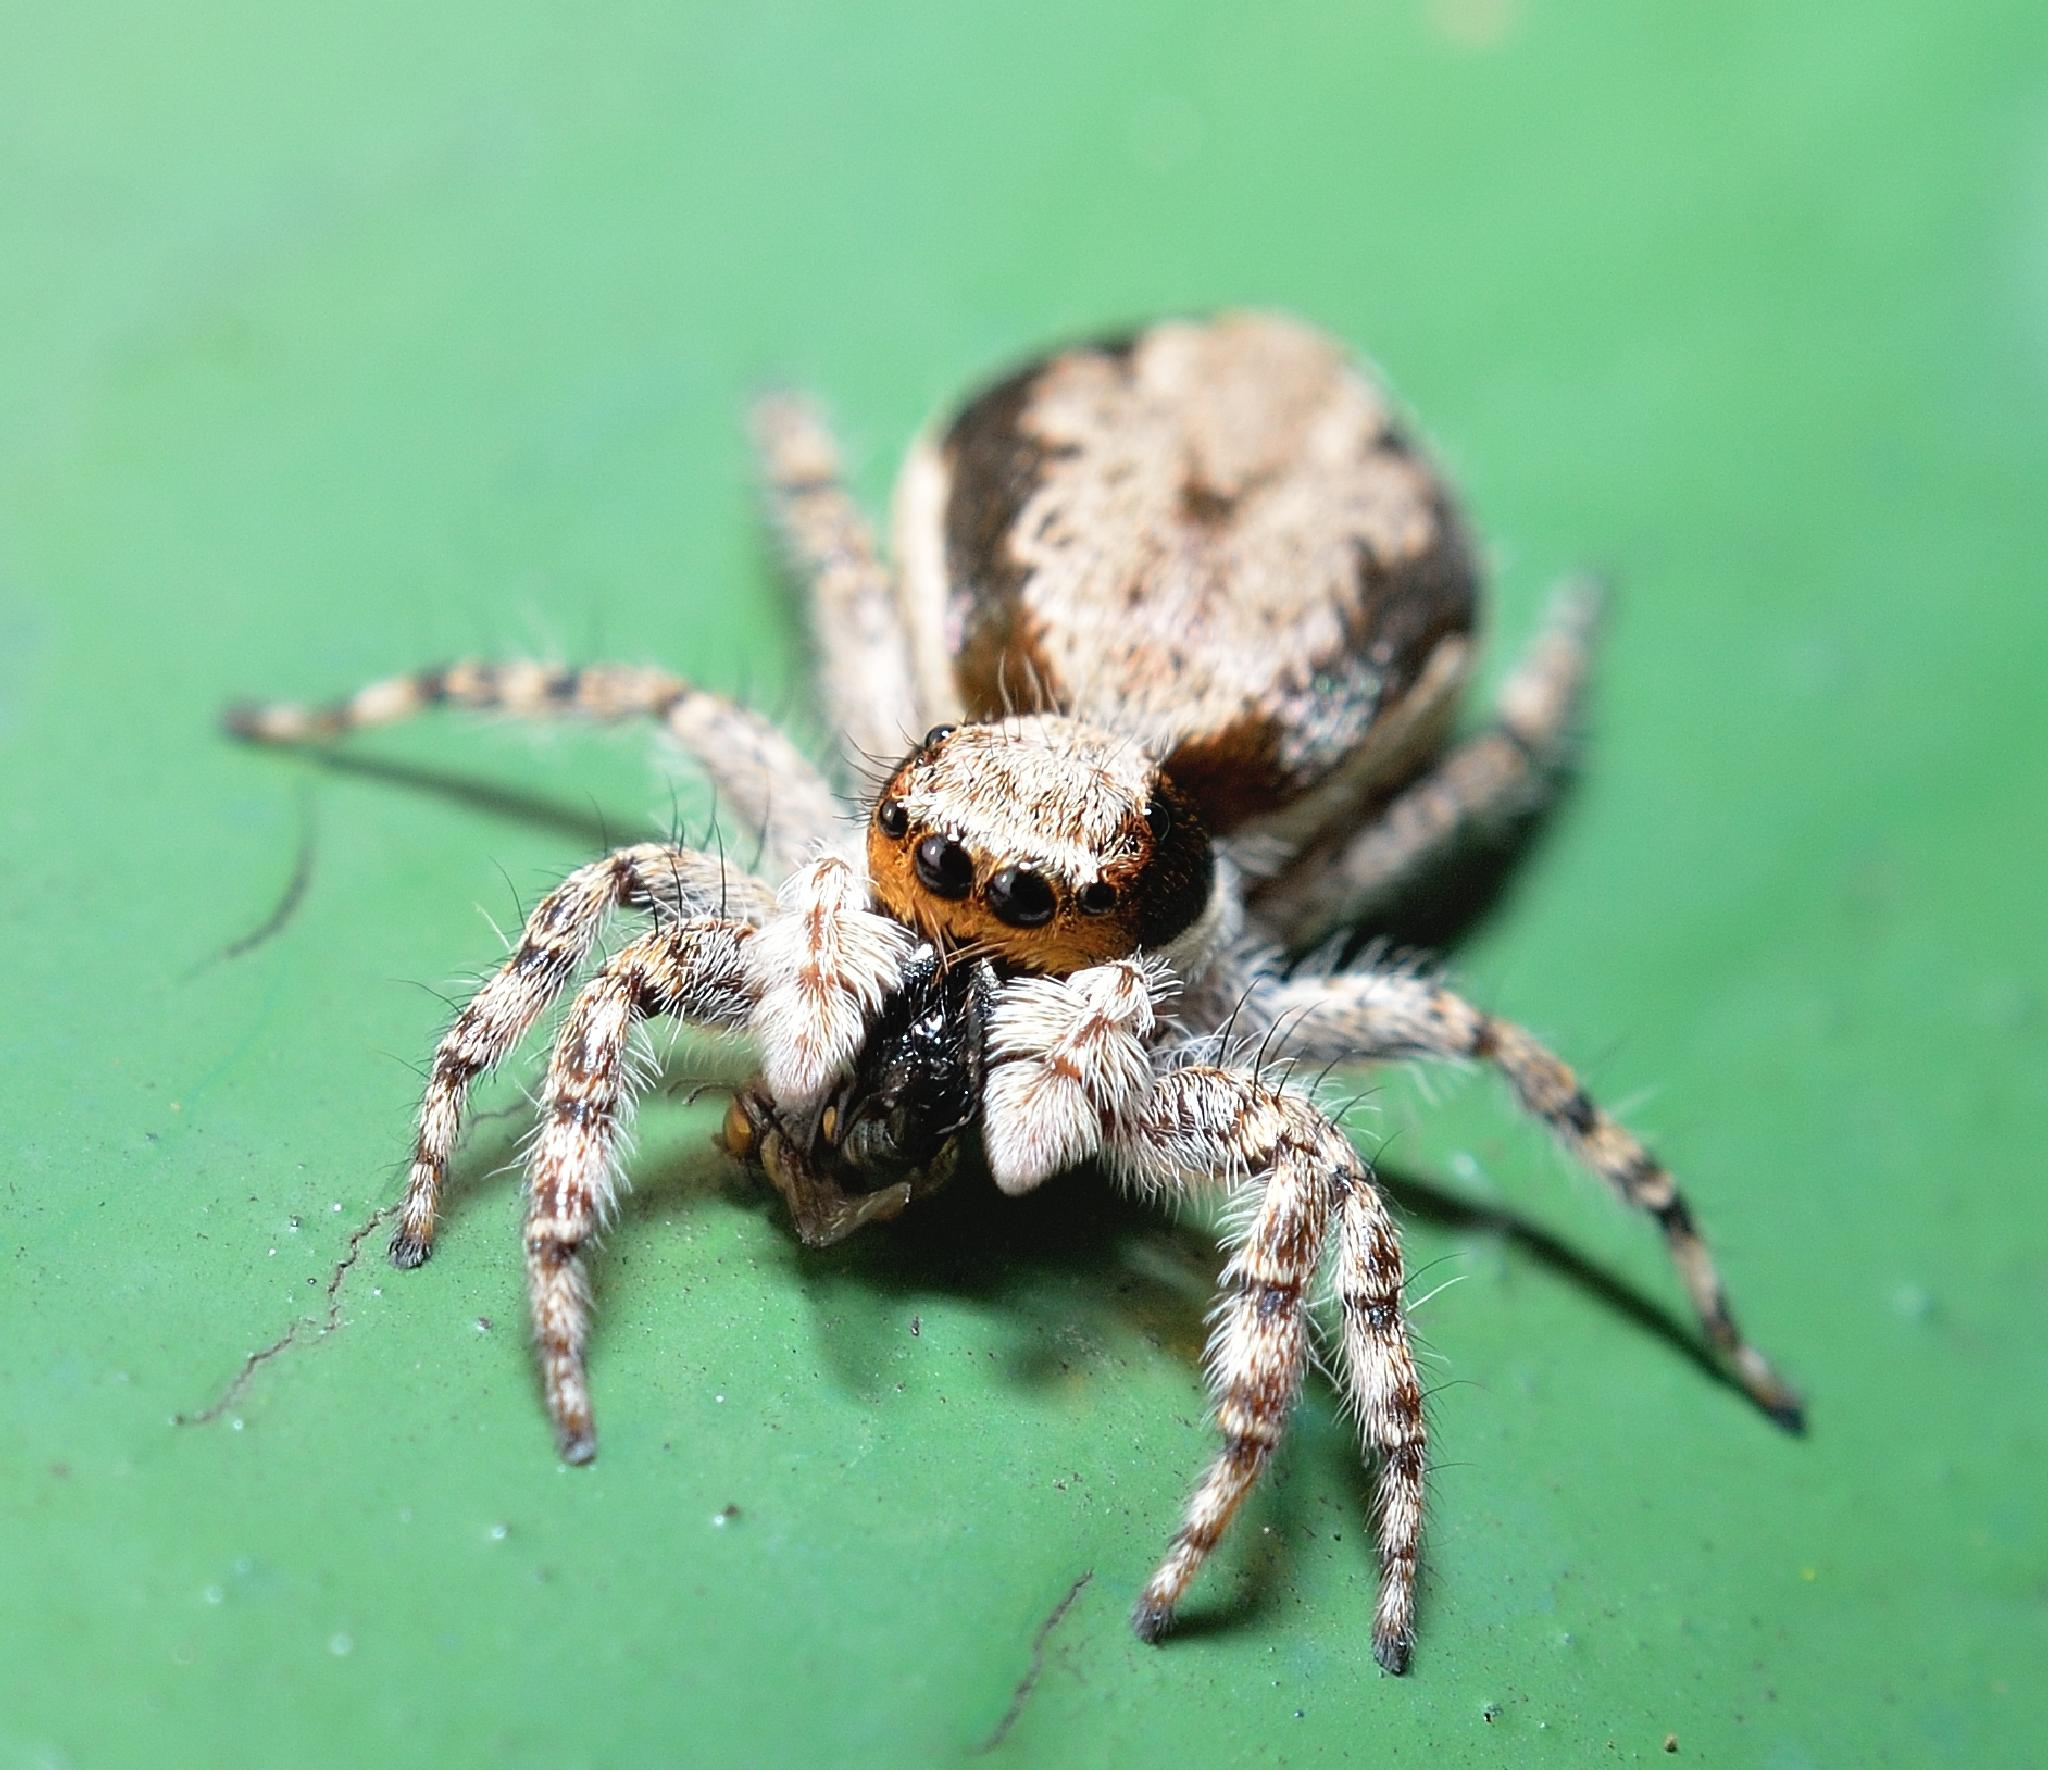 Spider by supriadi lee